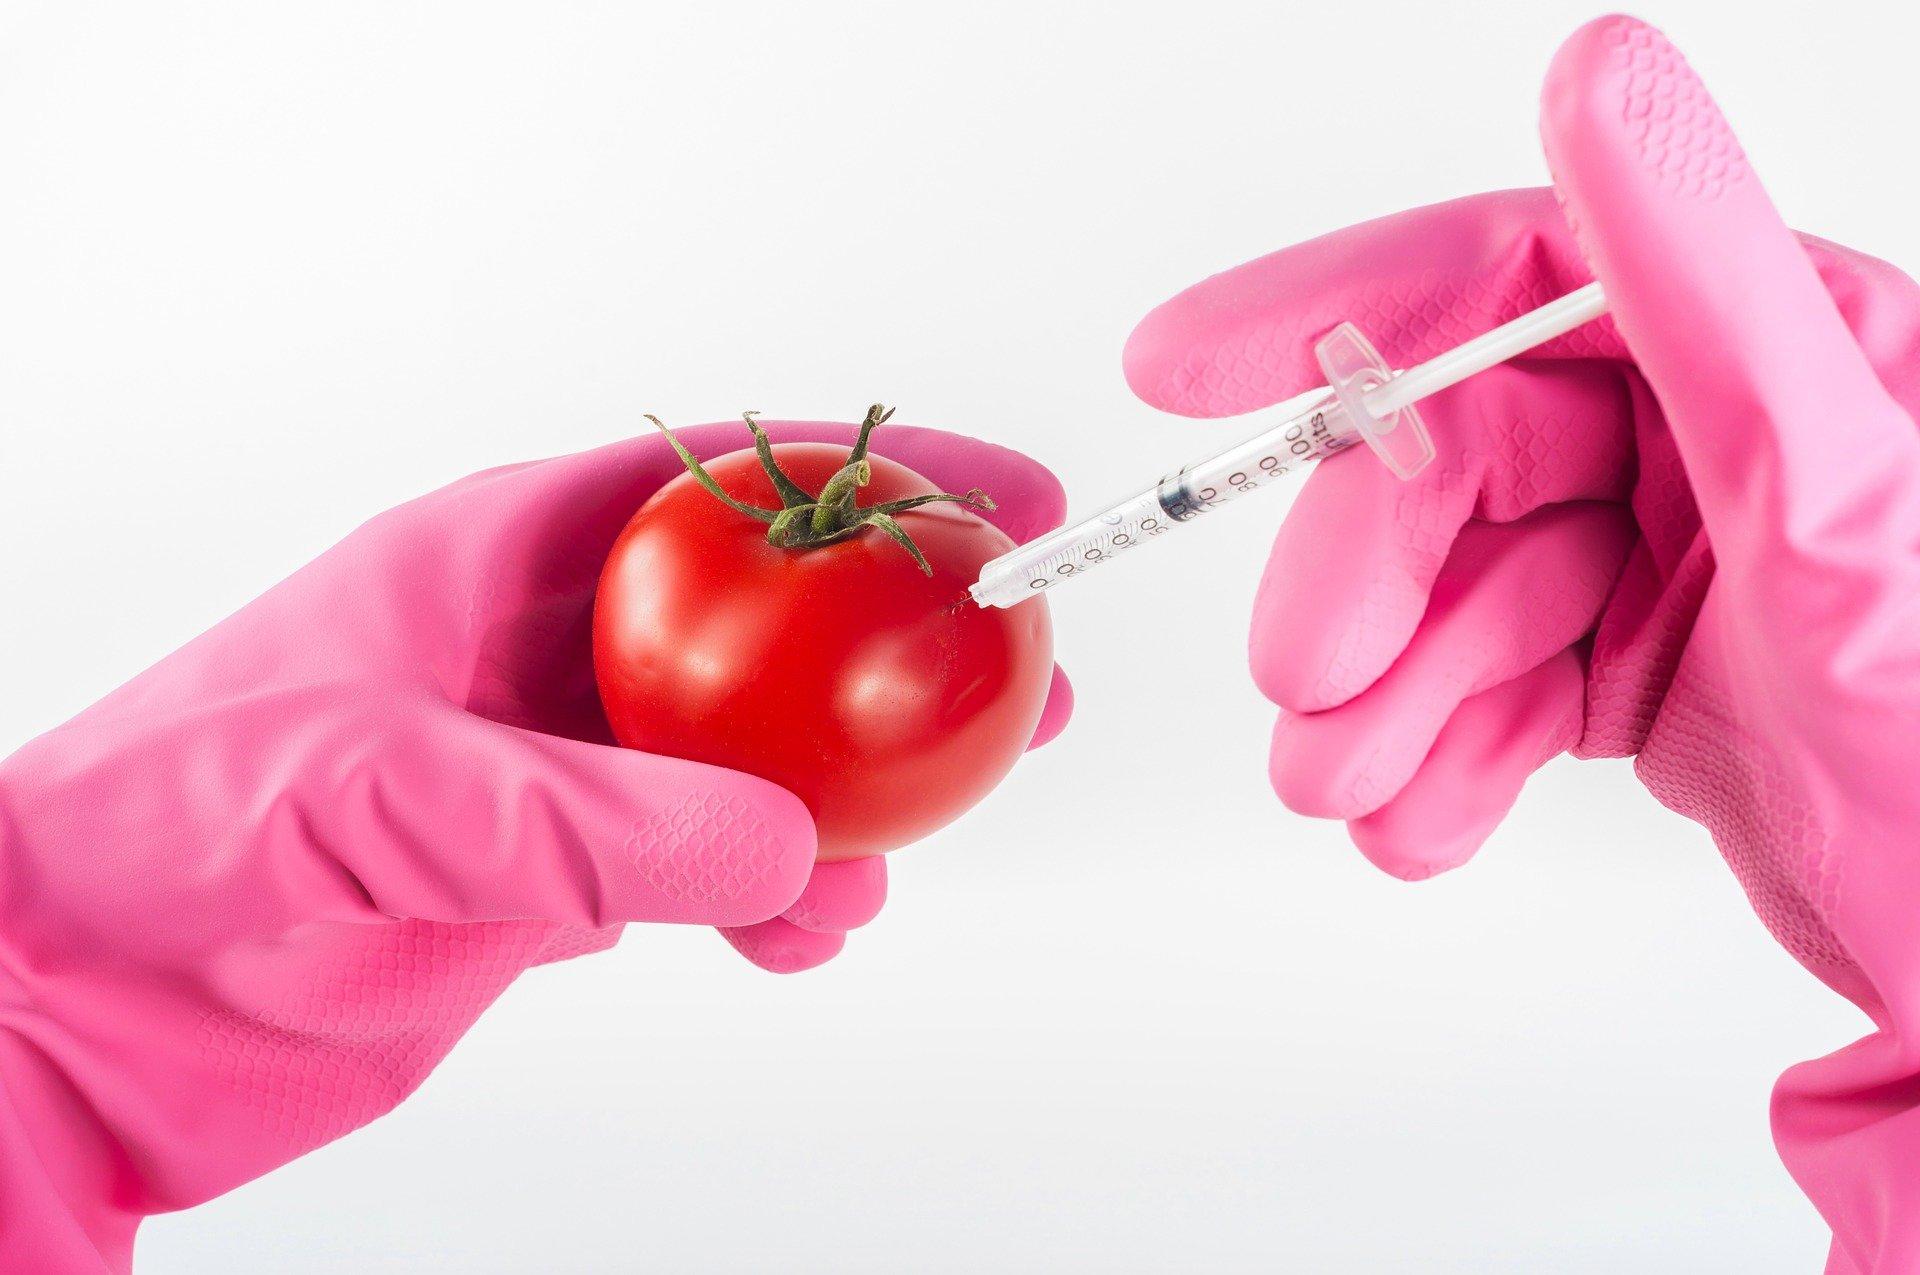 Pandemie verhaltensverändernder Hirnschädigungen durch Giftstoffe